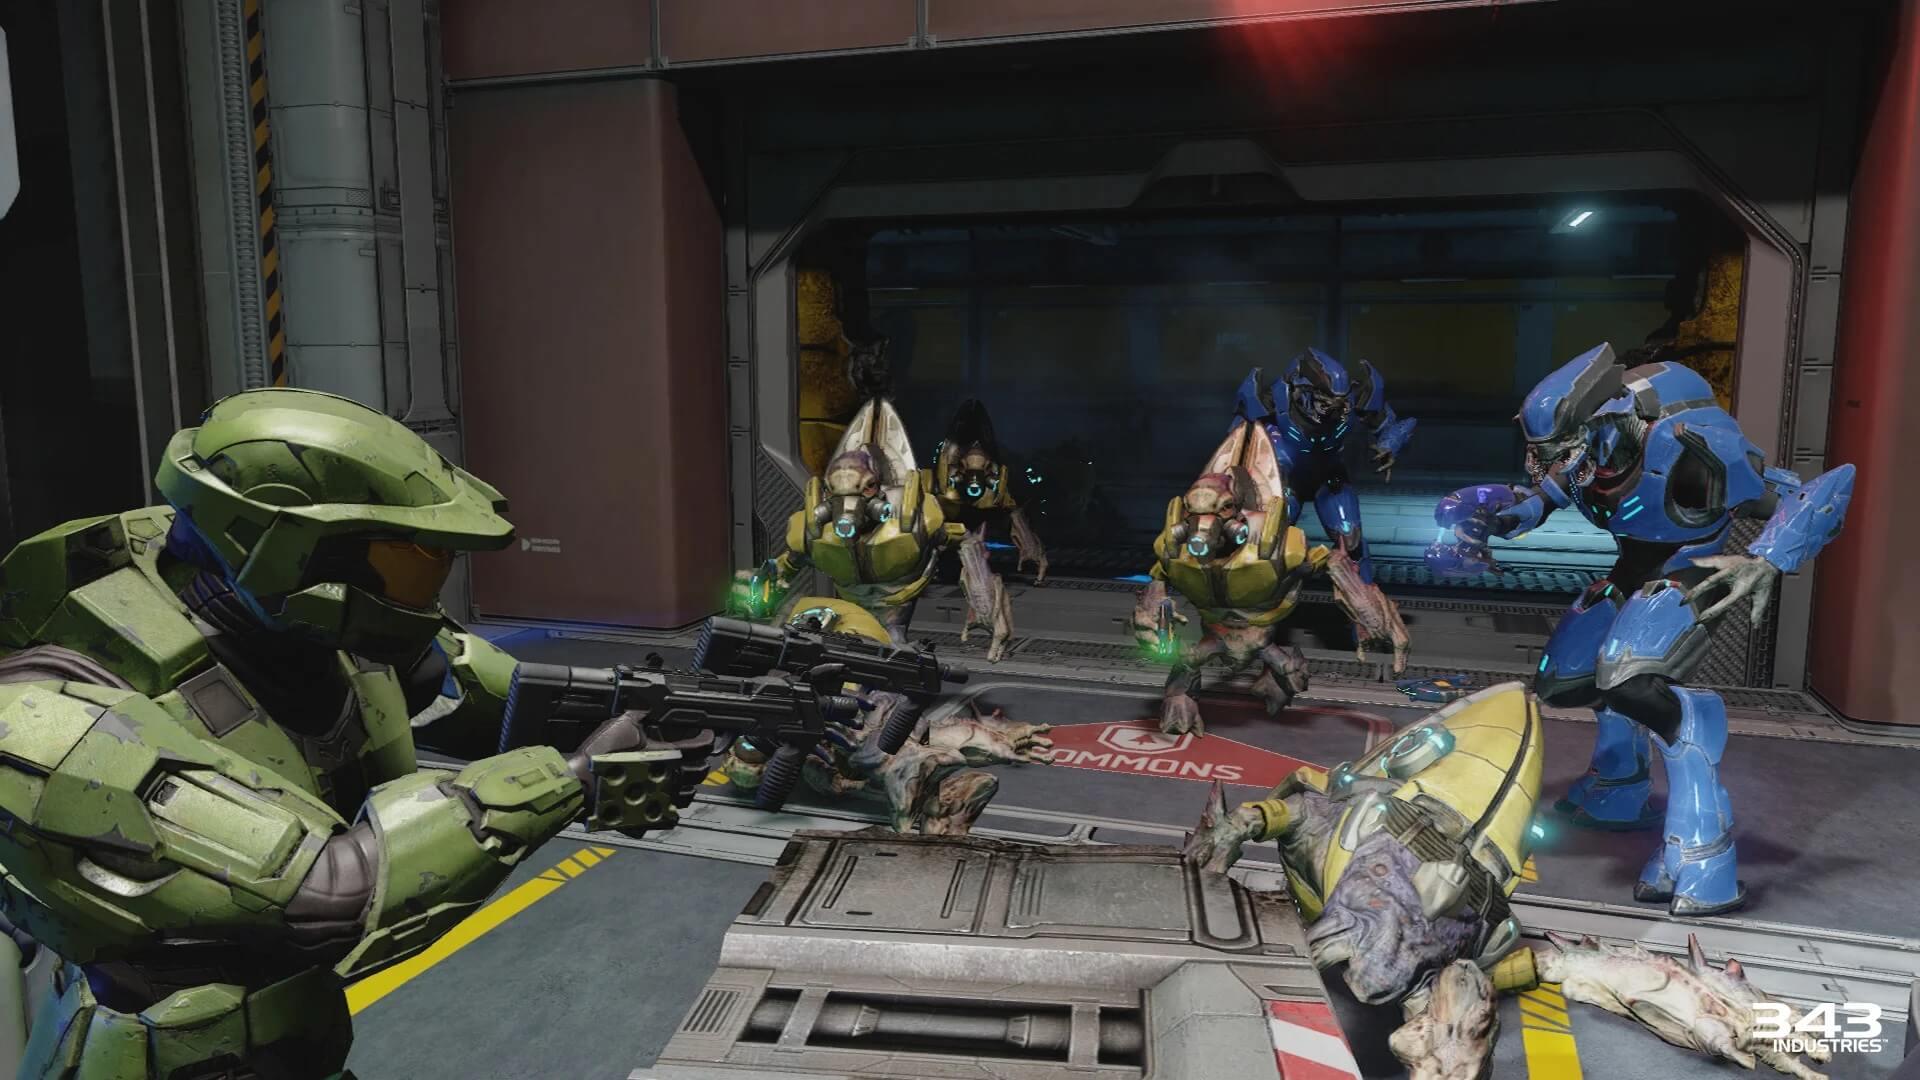 Comparação Halo 2 Original vs Anniversary Remaster 4K